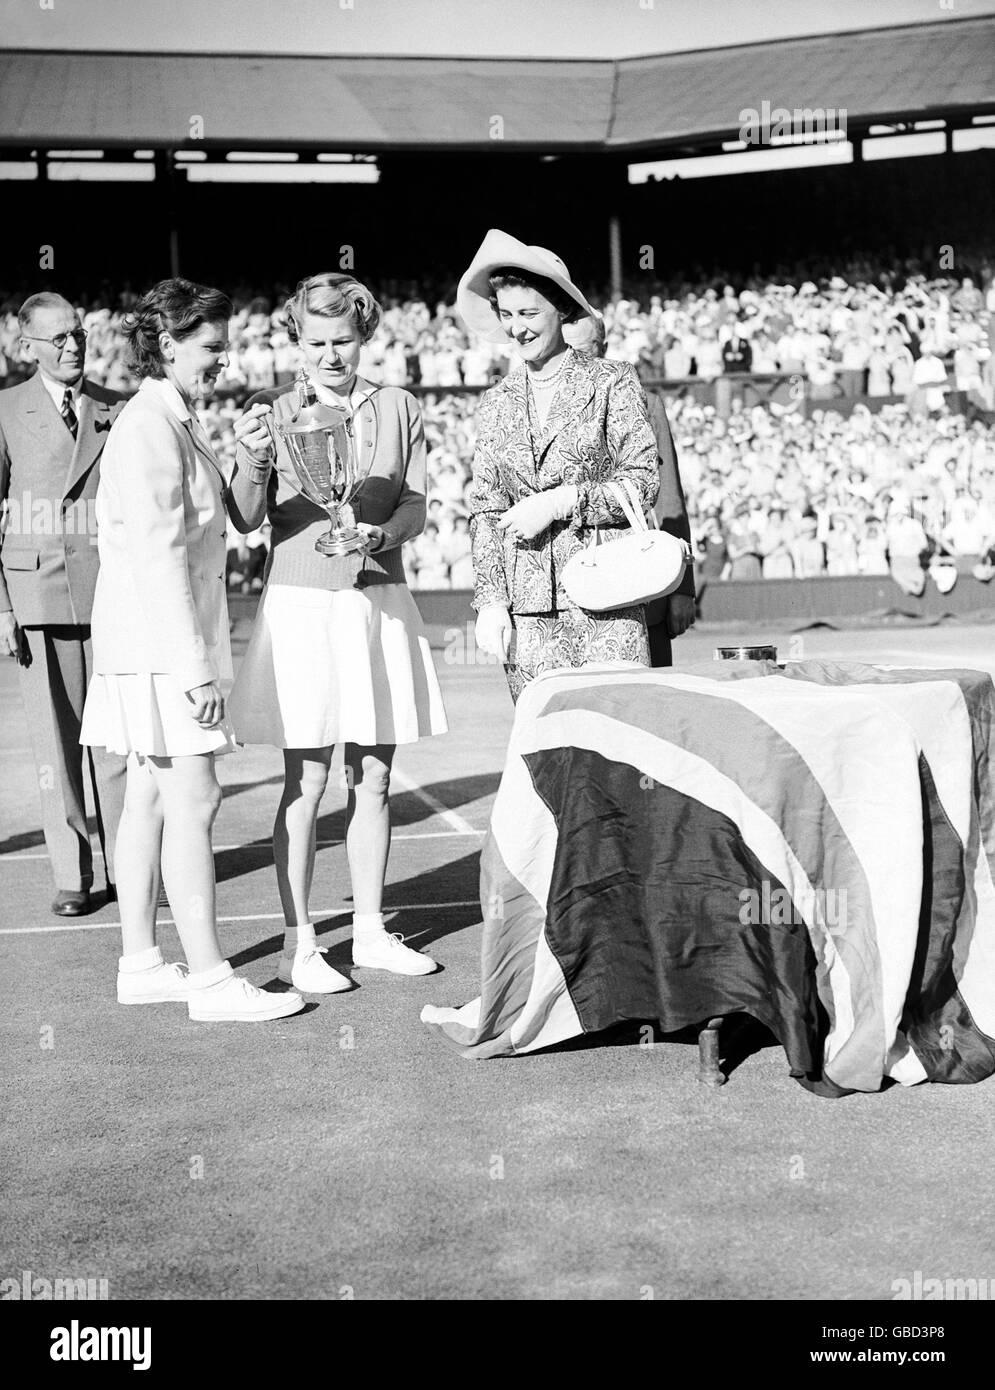 Tennis Wimbledon Championships La s Doubles Final